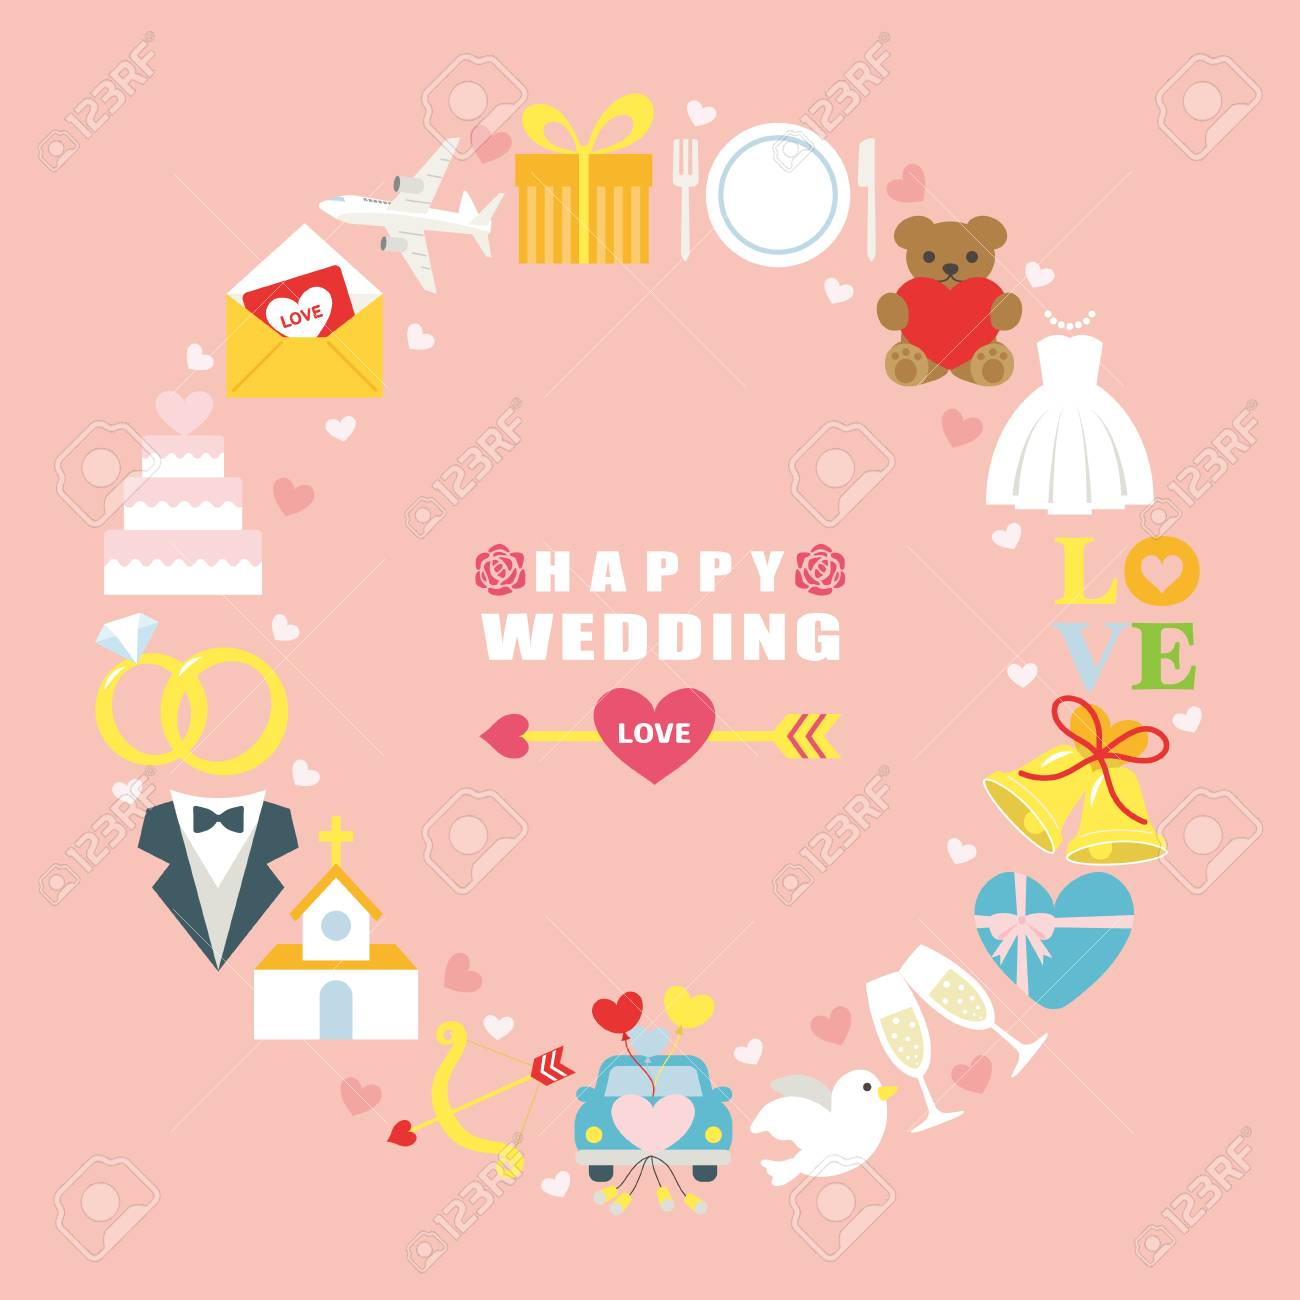 Happy wedding greeting card royalty free klipartlar vektr izimler happy wedding greeting card stok fotoraf 75768006 m4hsunfo